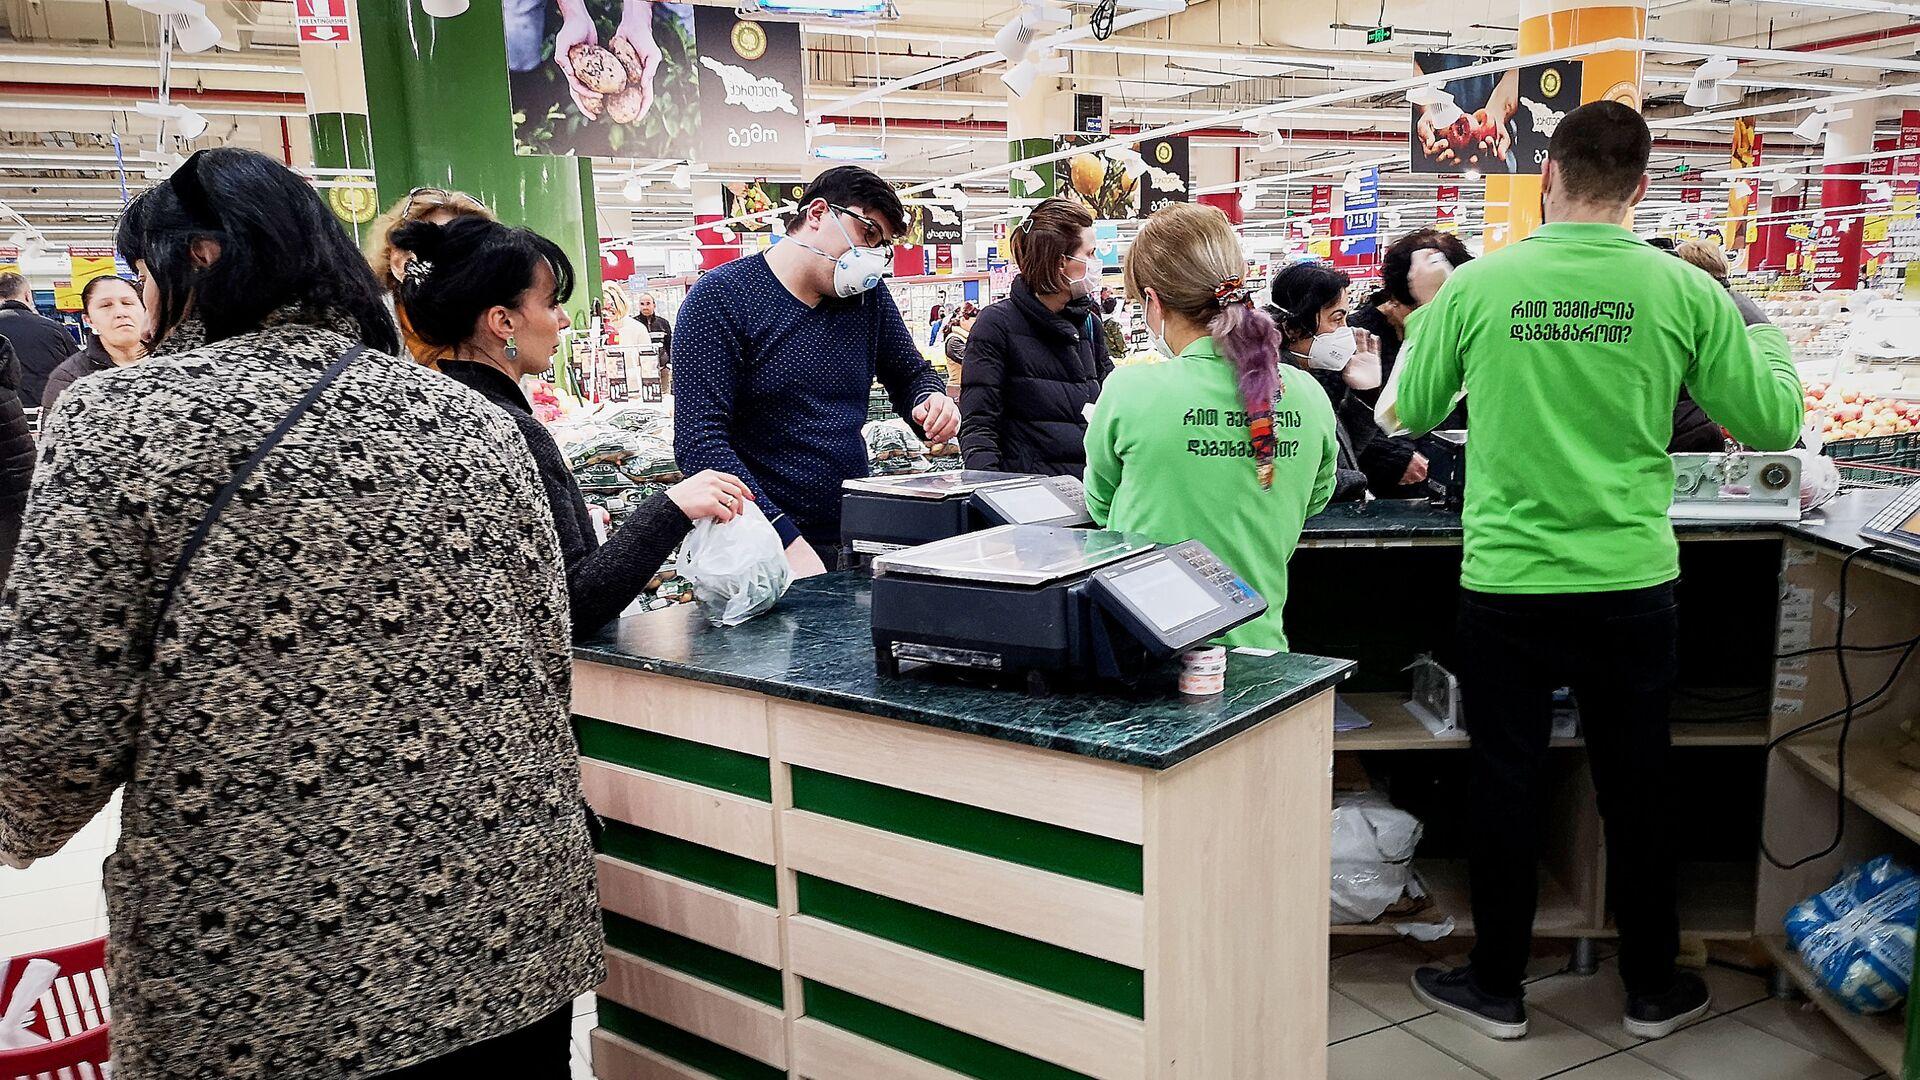 Покупатели в масках в супермаркете. Власти страны борются с коронавирусом - Sputnik Грузия, 1920, 04.09.2021